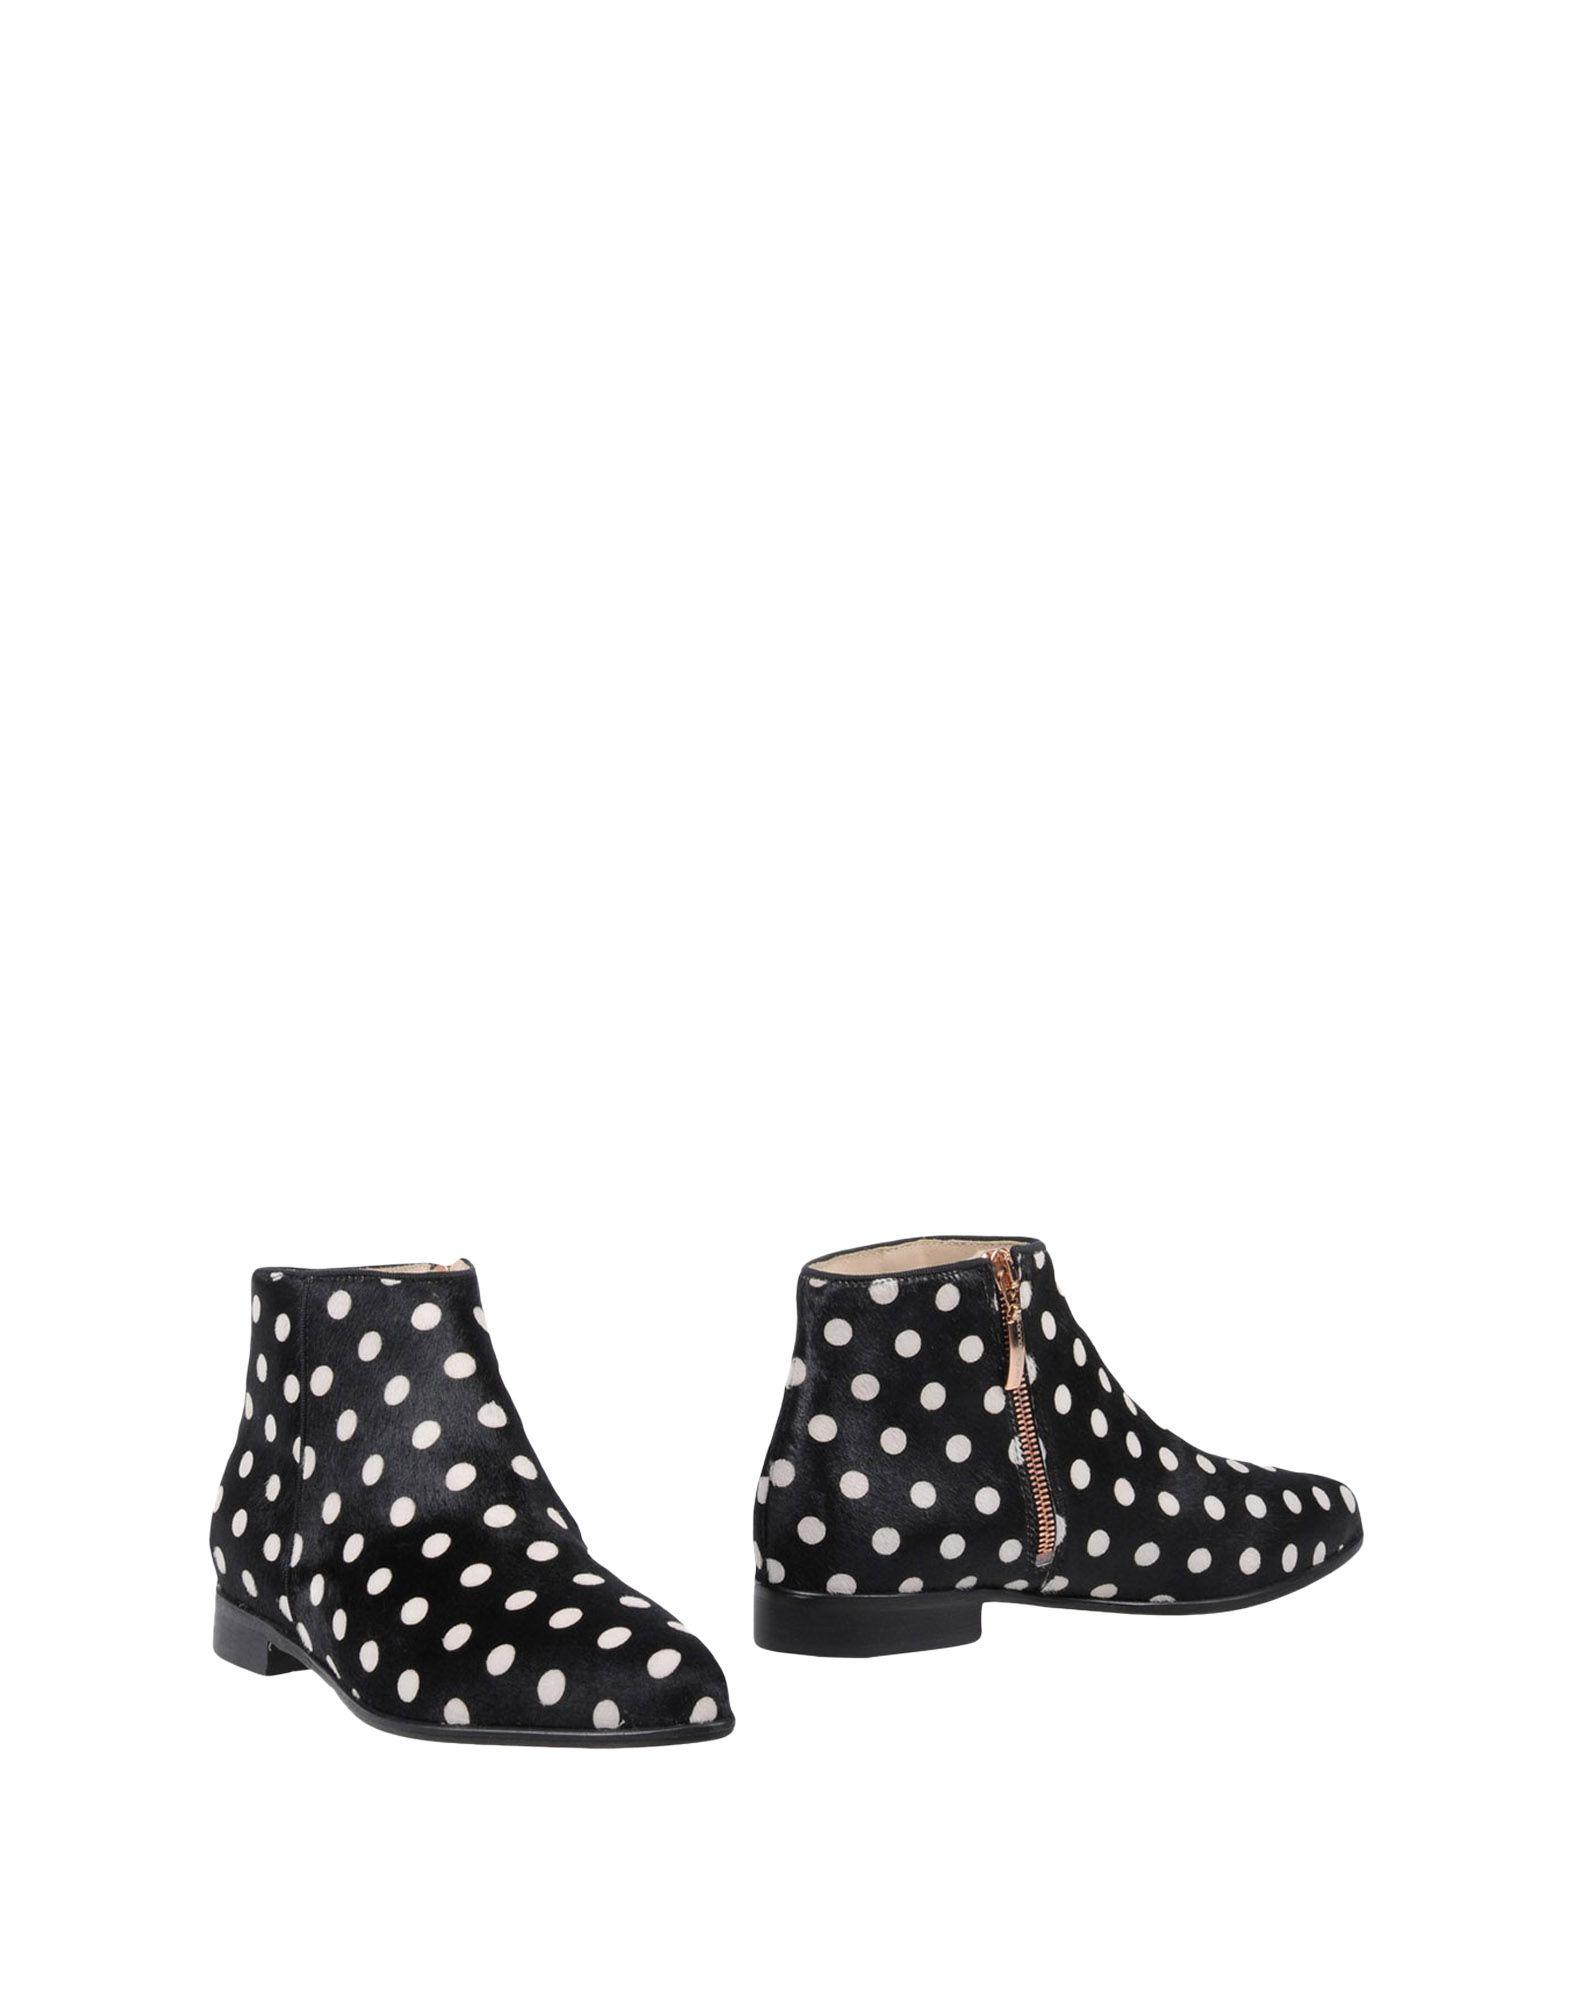 Anna Baiguera Stiefelette Damen  11438207RH Gute Qualität beliebte Schuhe